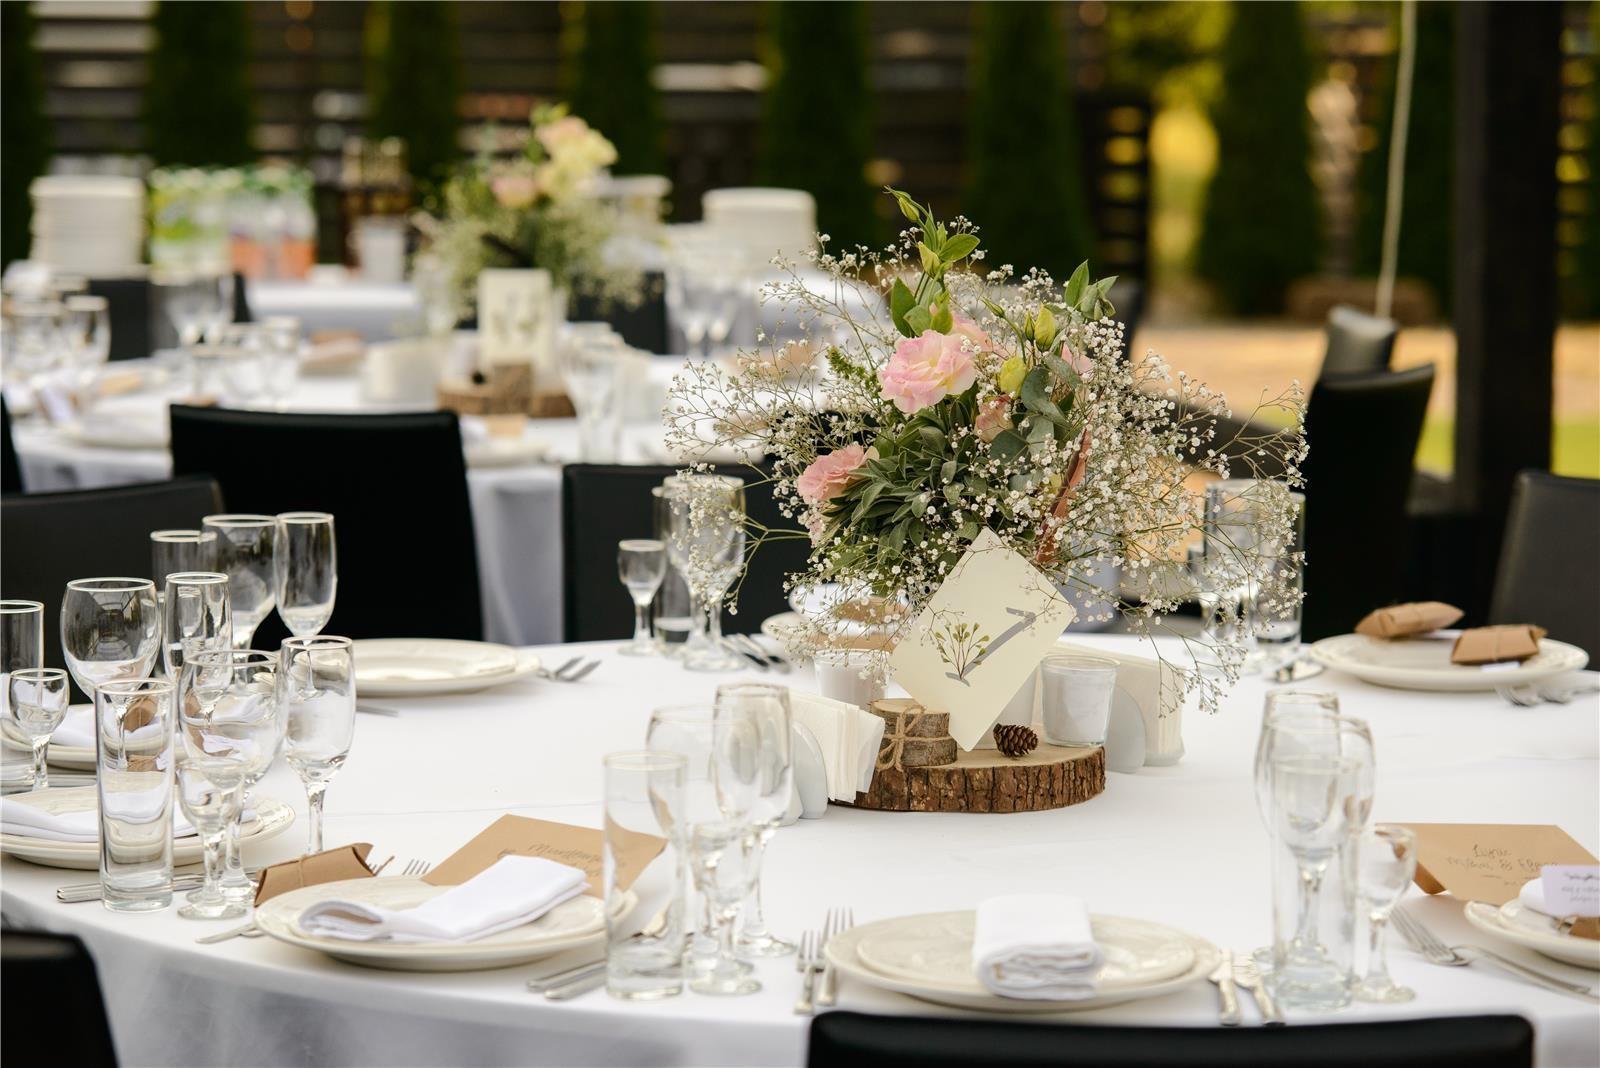 הכי-הכי: כך תאתרו את המקום המושלם לחתונה, מקום לחגוג, 19